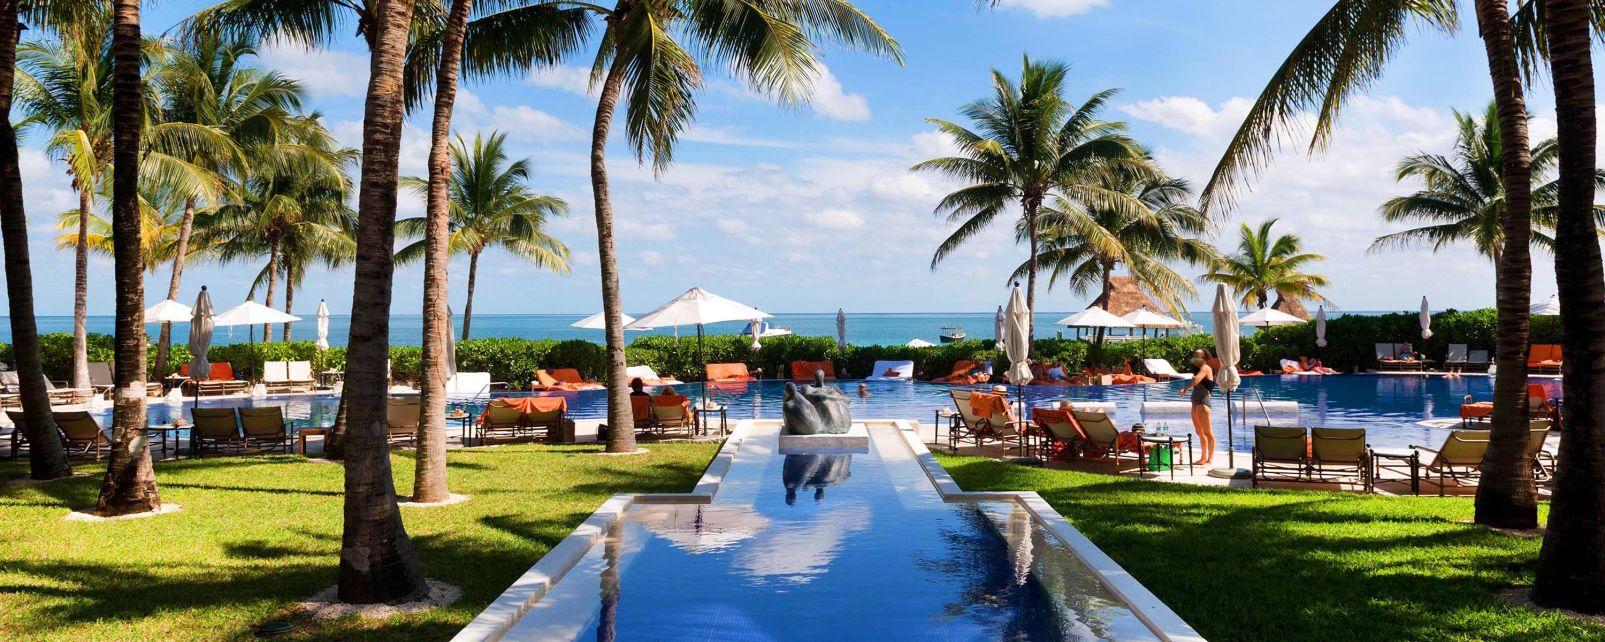 Hôtel Zoetry Paraiso de la Bonita Riviera Maya